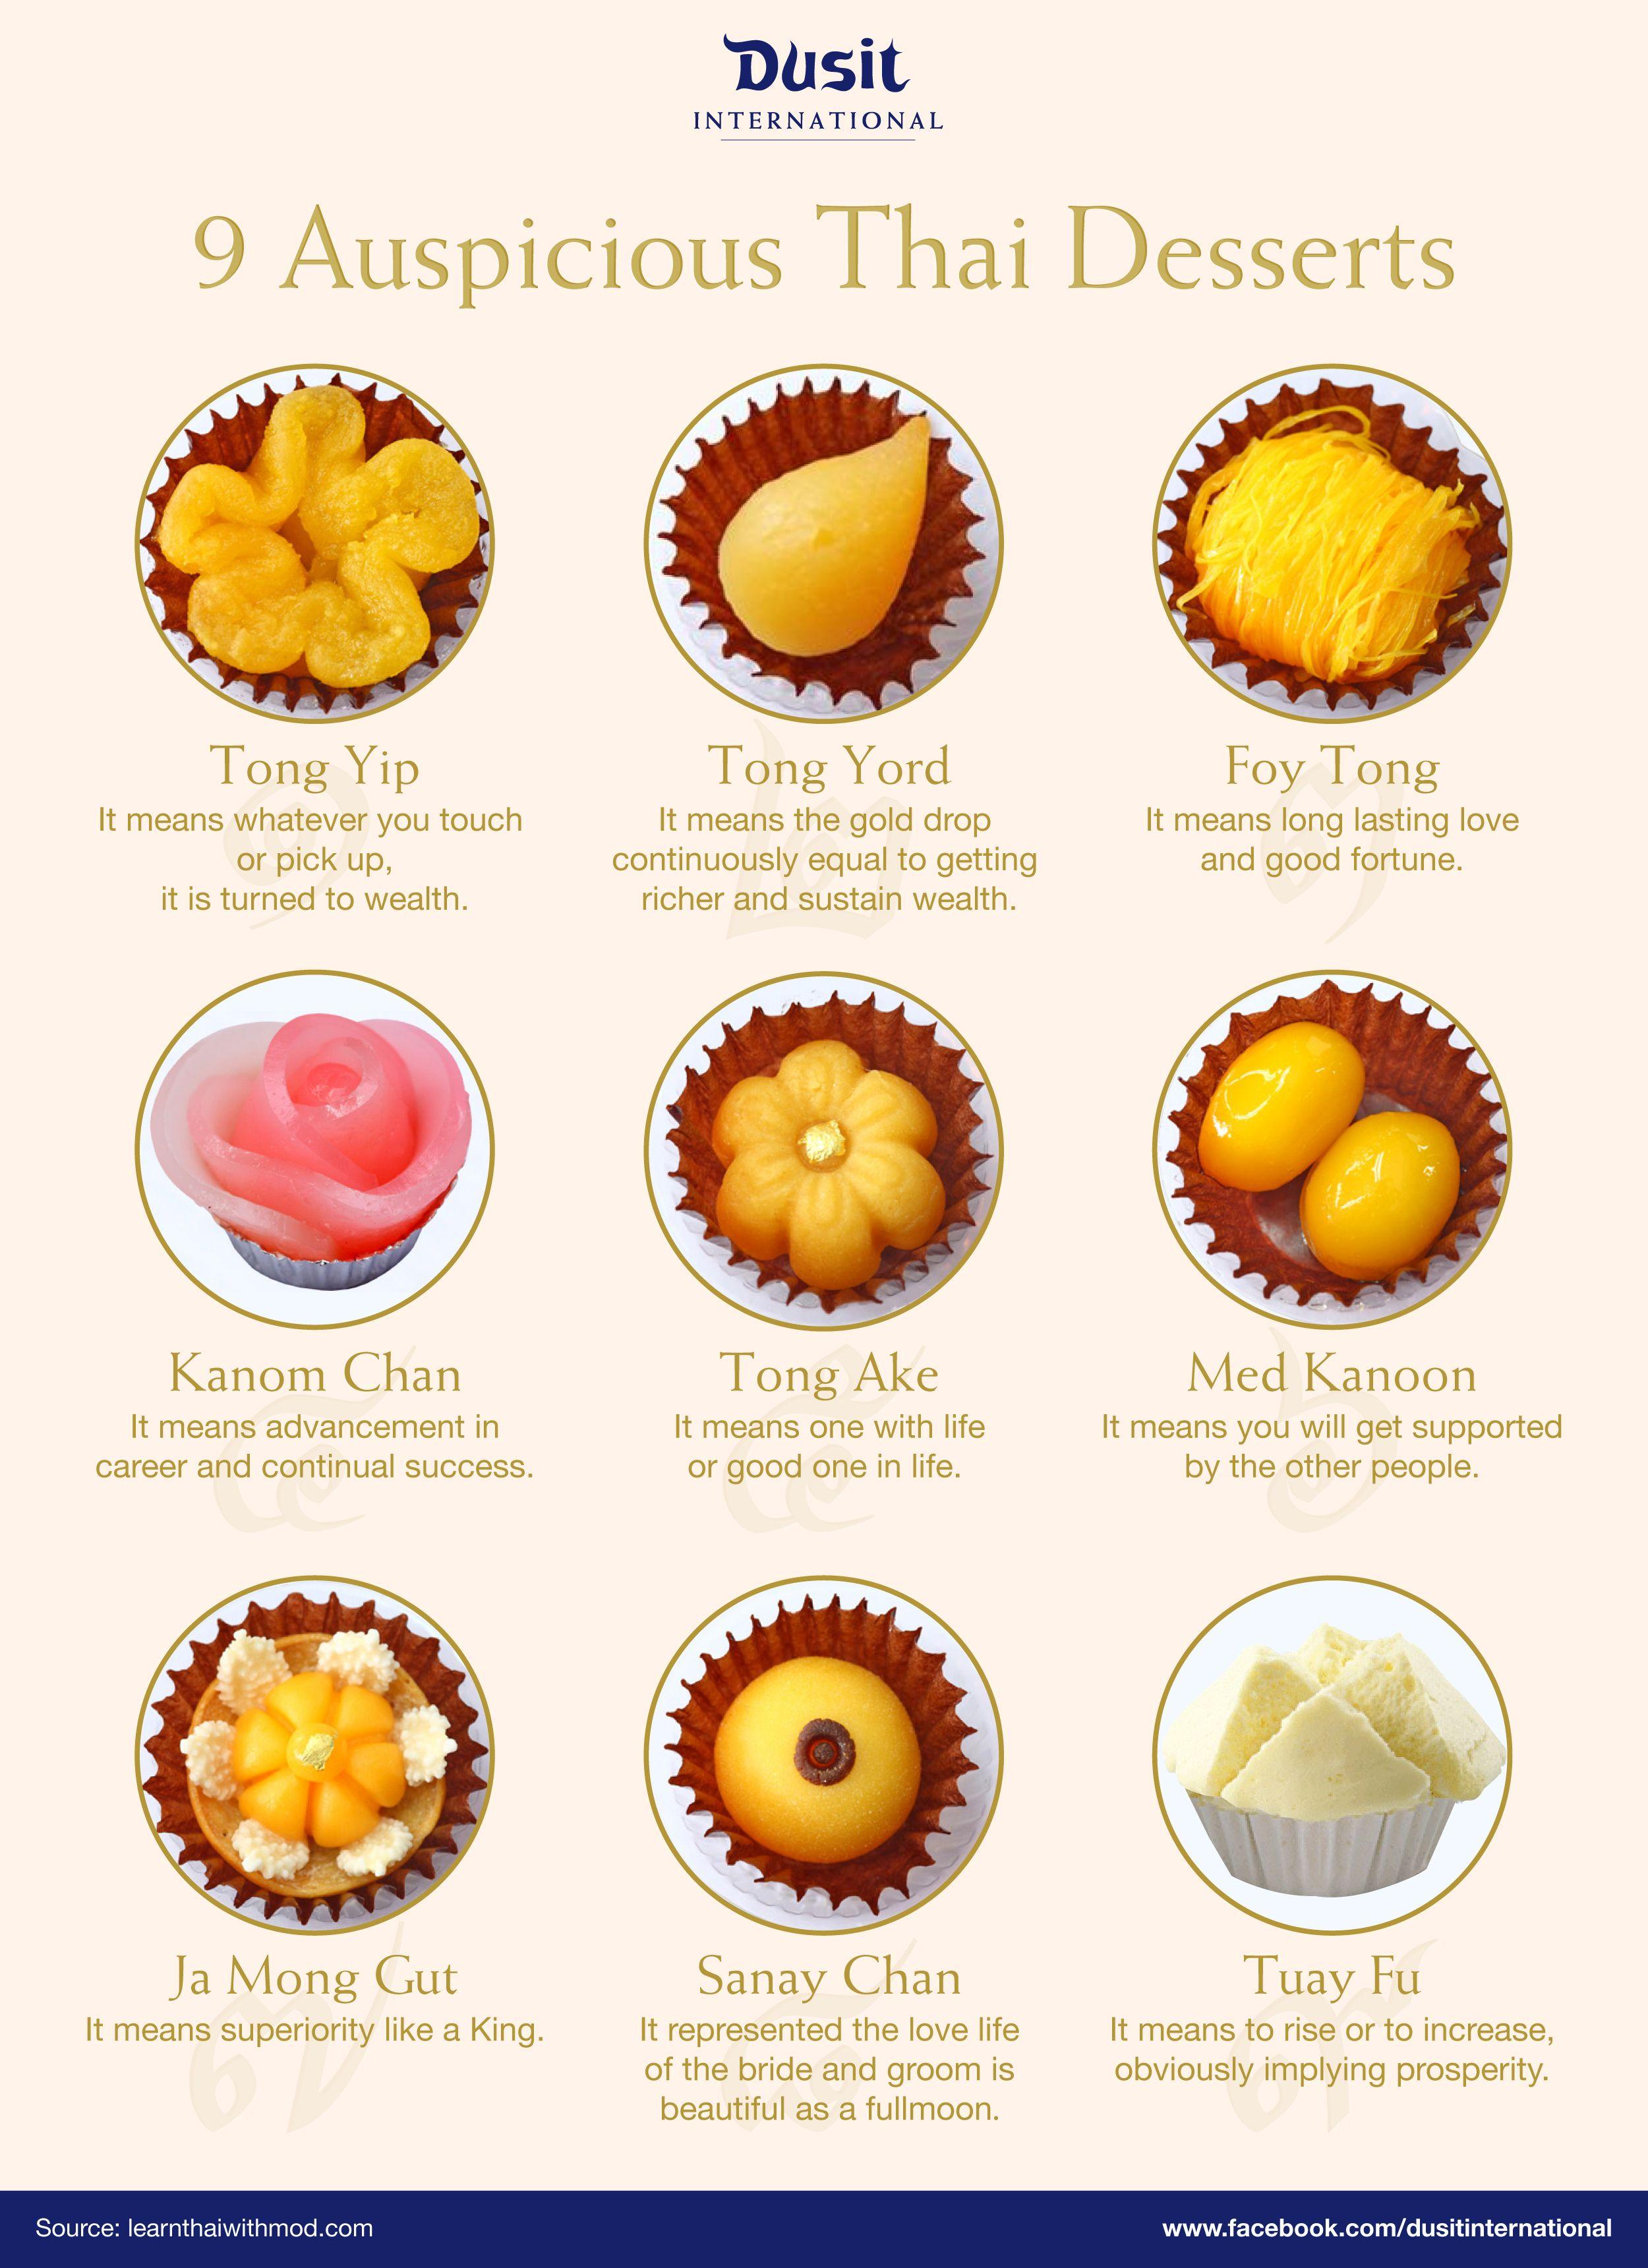 Nine Auspicious Thai Desserts